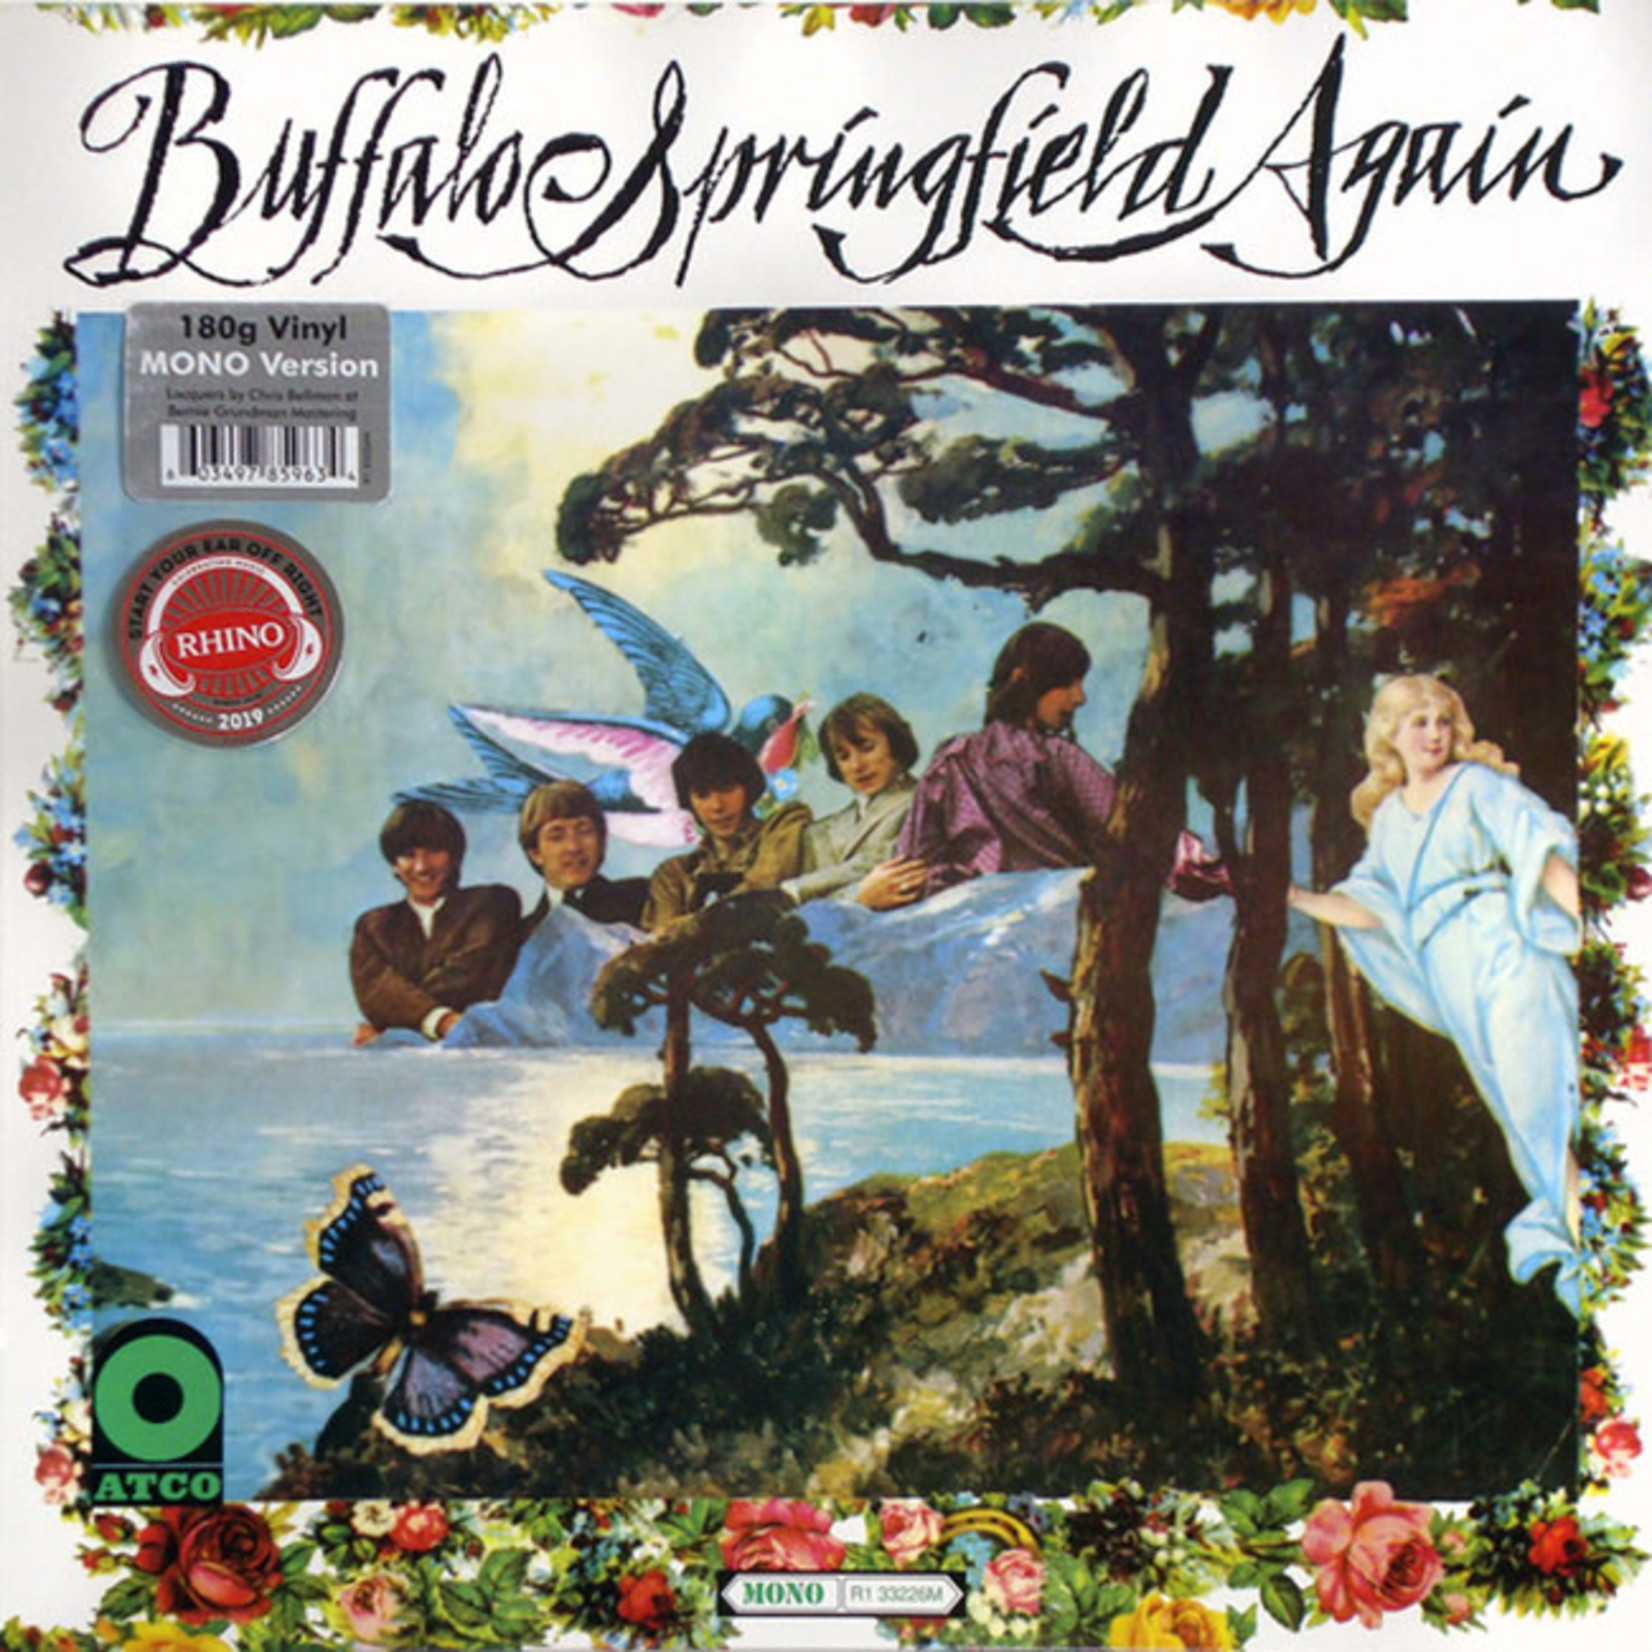 [New] Buffalo Springfield: Buffalo Springfield Again (mono)